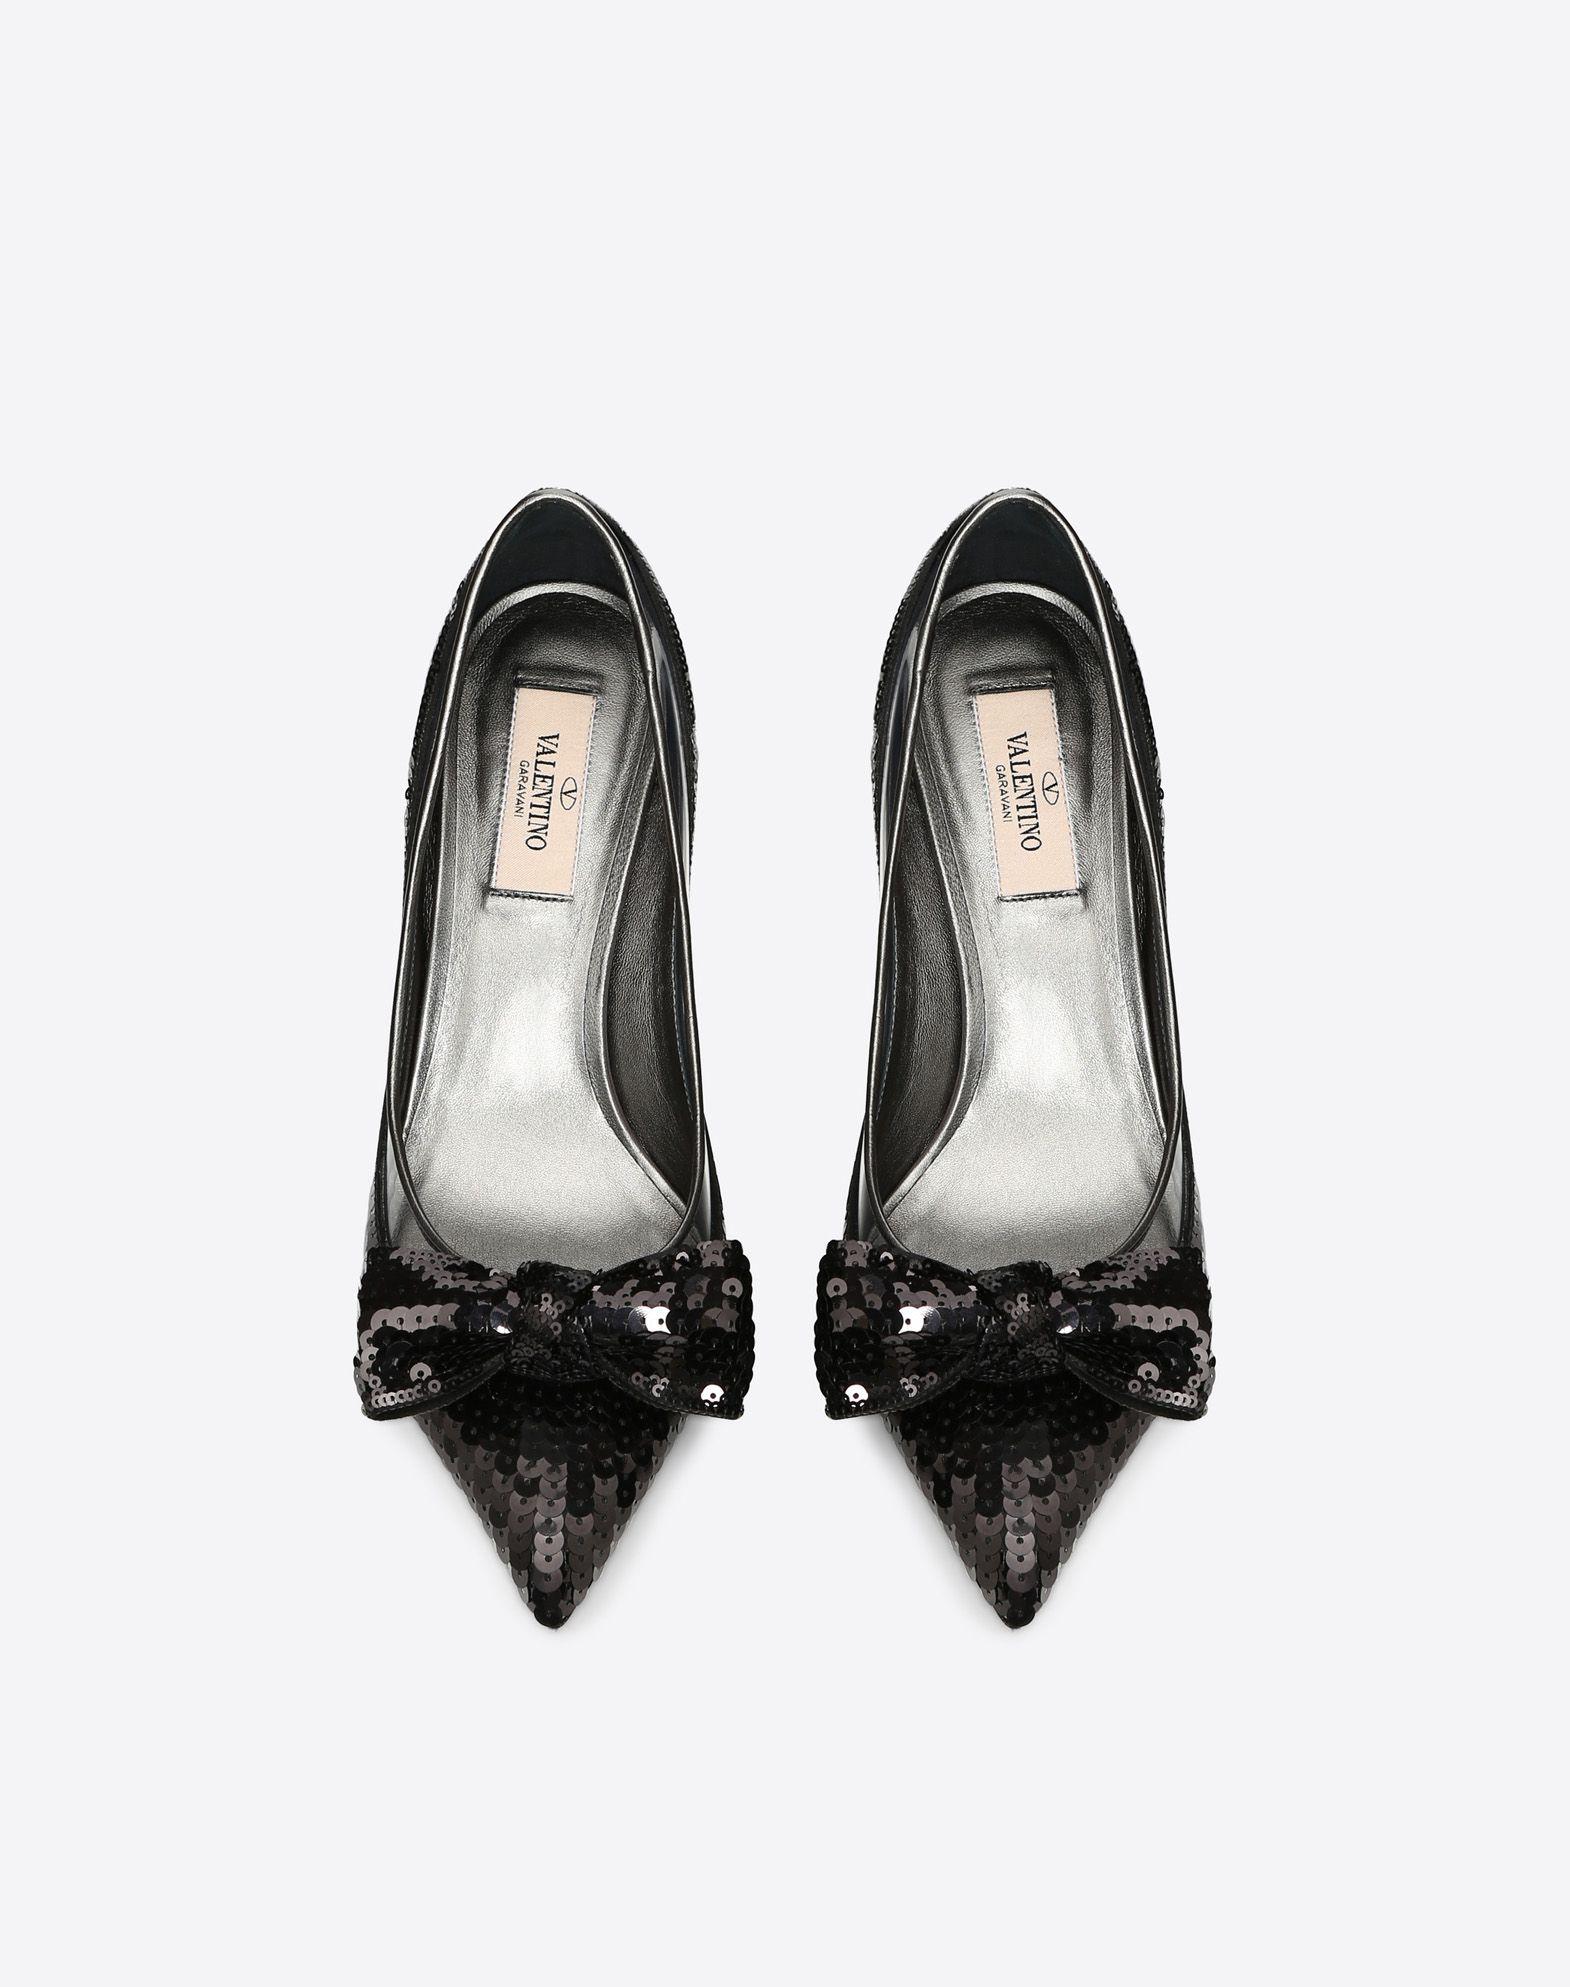 VALENTINO GARAVANI Zapatos de salón Dollybow MEDIUM HEEL PUMPS D e